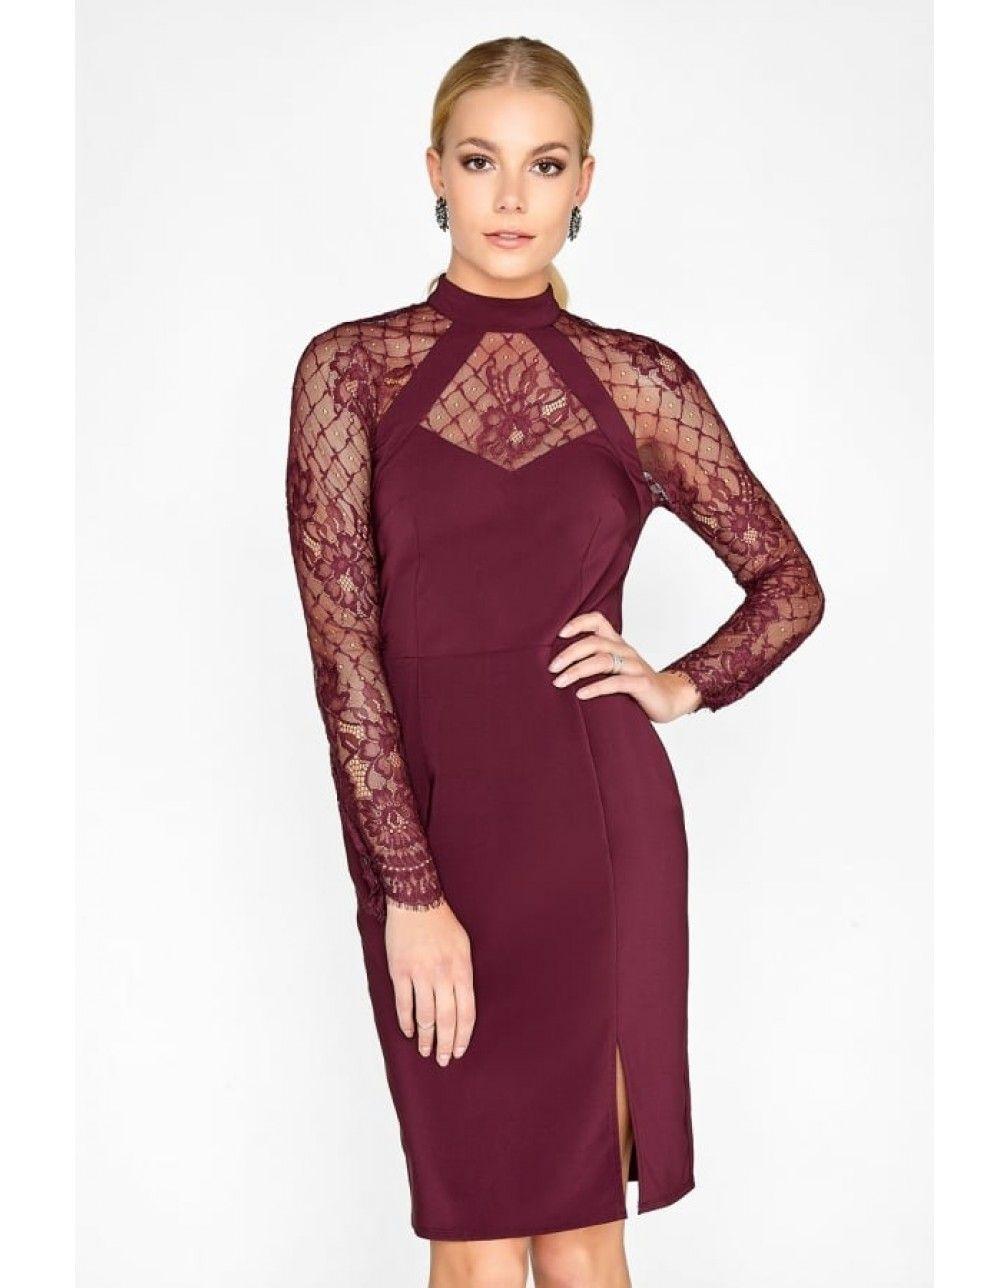 Lace dress bodycon  Merlot Lace Dress  dresses  Pinterest  Lace dress Bodycon dress